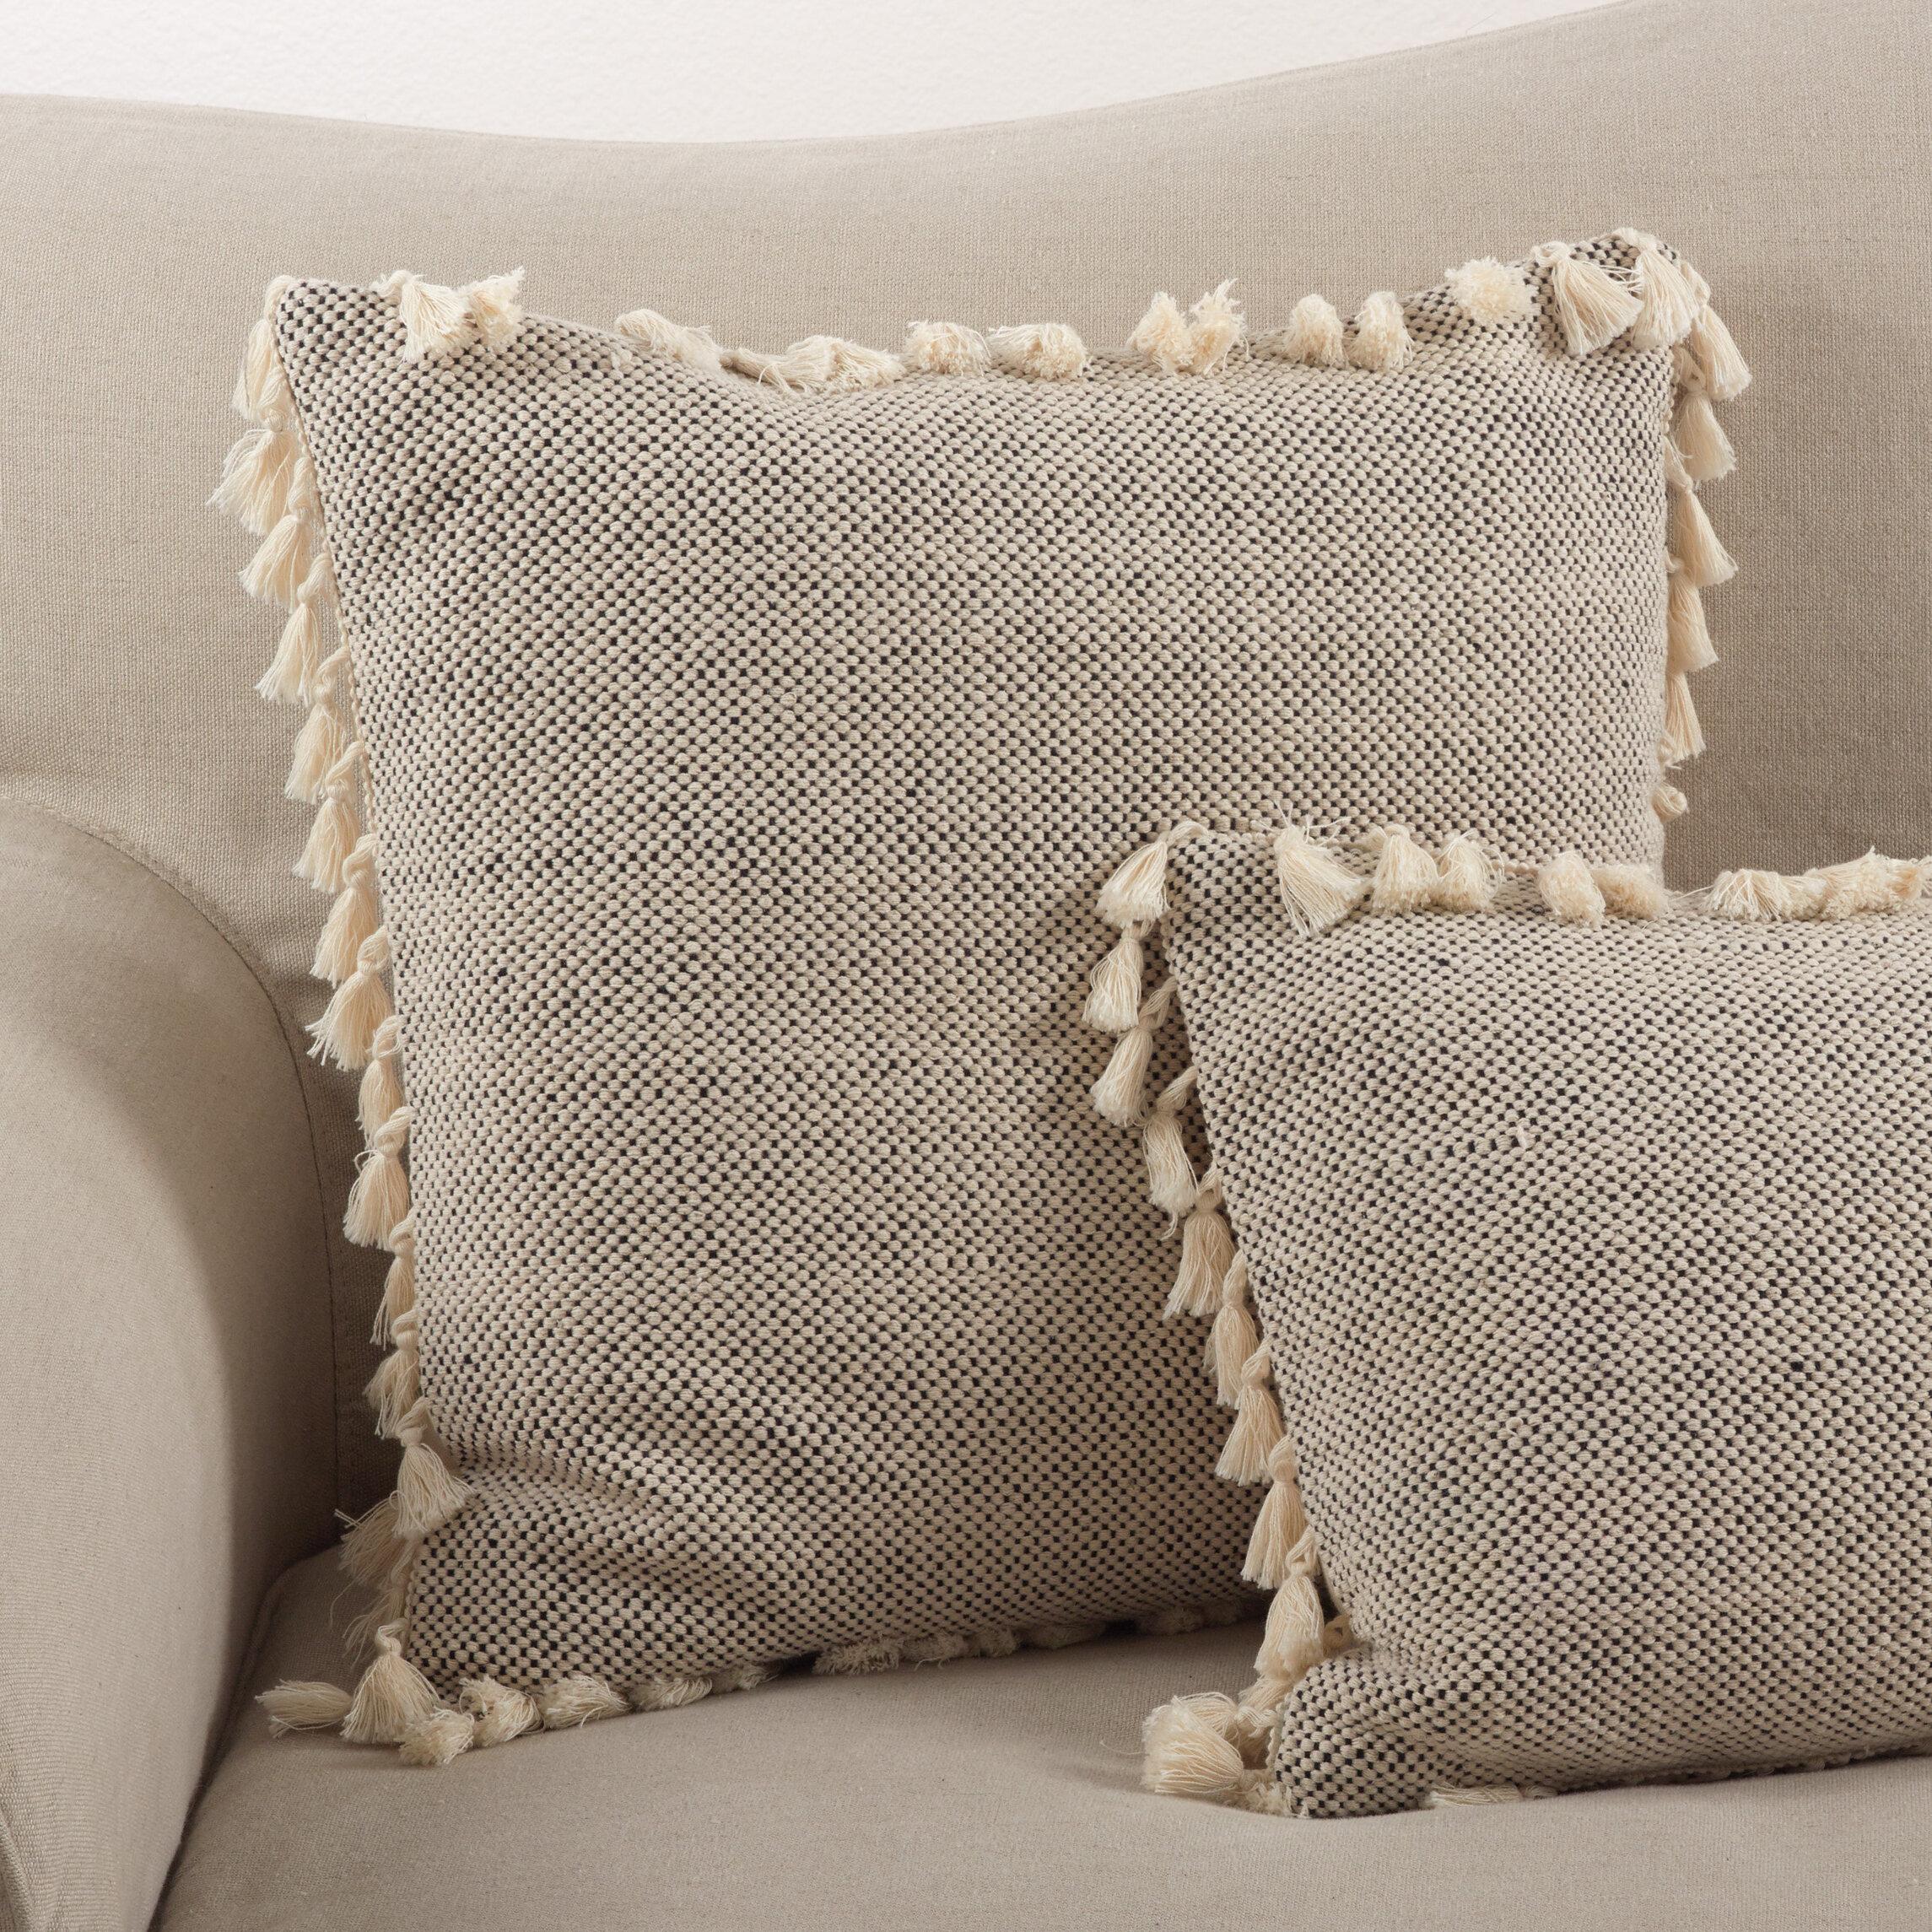 Mistana Hartwell Boho Tassel Cotton Down Throw Pillow Reviews Wayfair